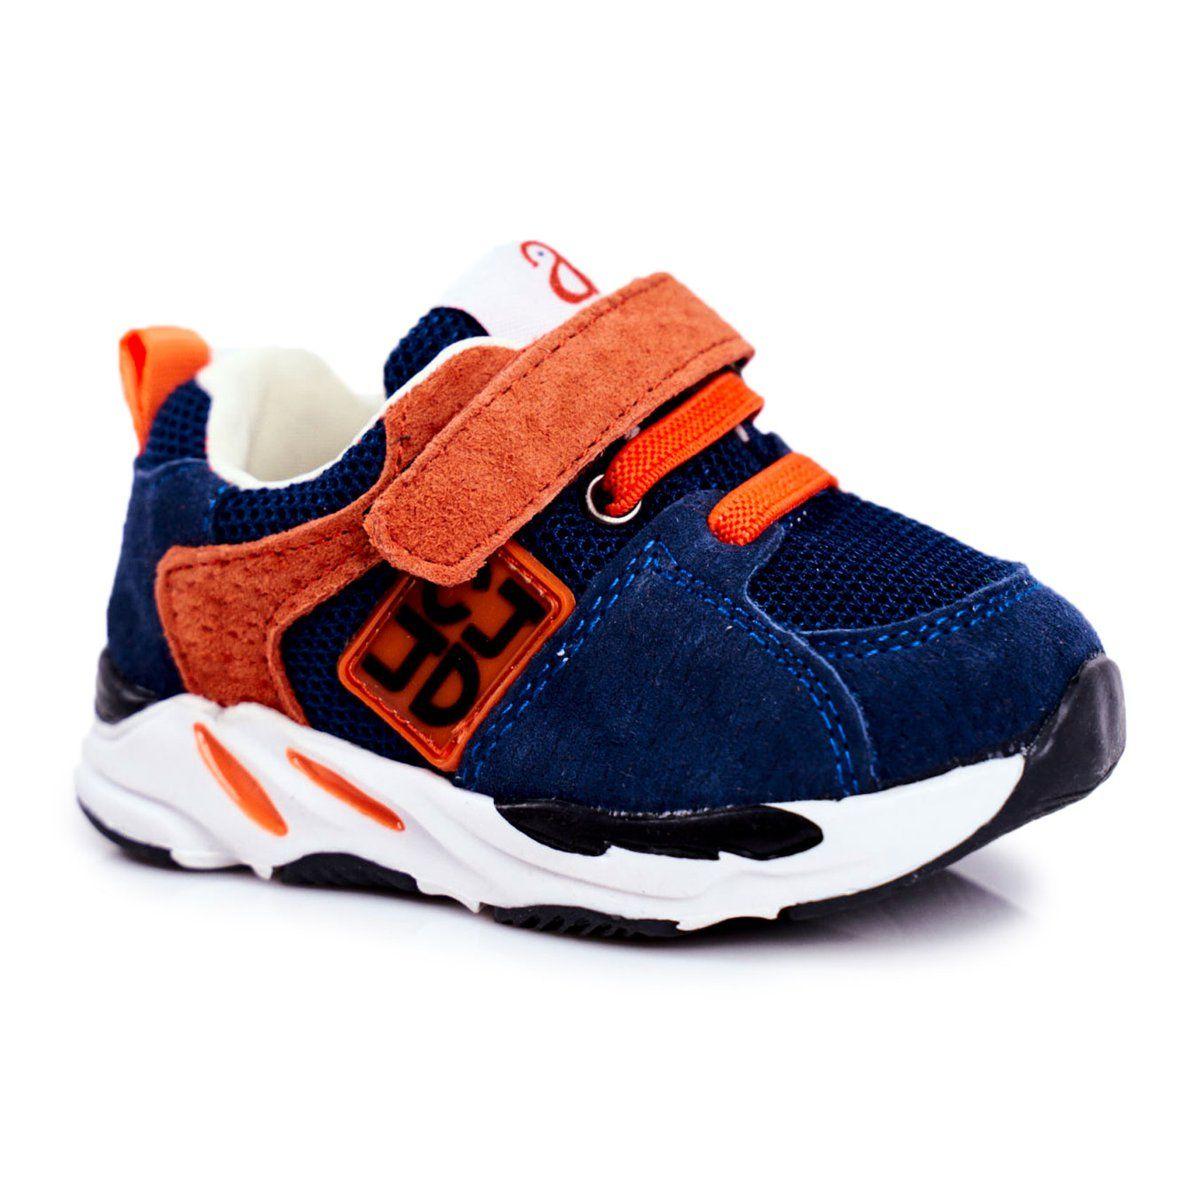 Apawwa Sportowe Buty Dzieciece Na Rzep Granatowe Jonaba Pomaranczowe Baby Shoes Shoes Fashion